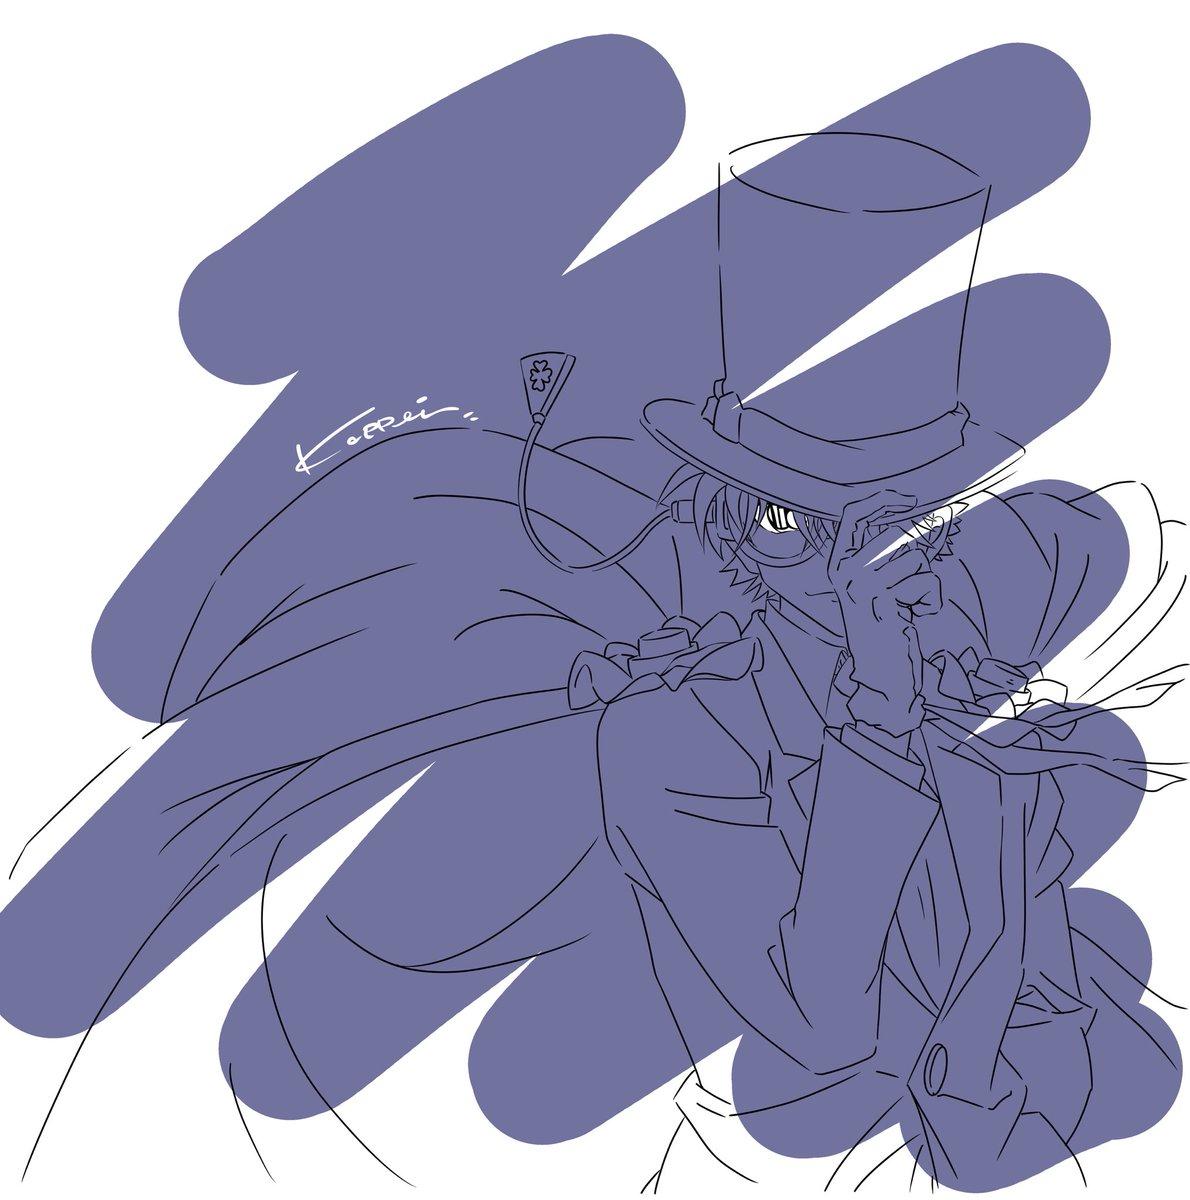 帰って来て、シークレットナイトまでに描きたかったけど、下書きまでで時間切れかな〜^^💦